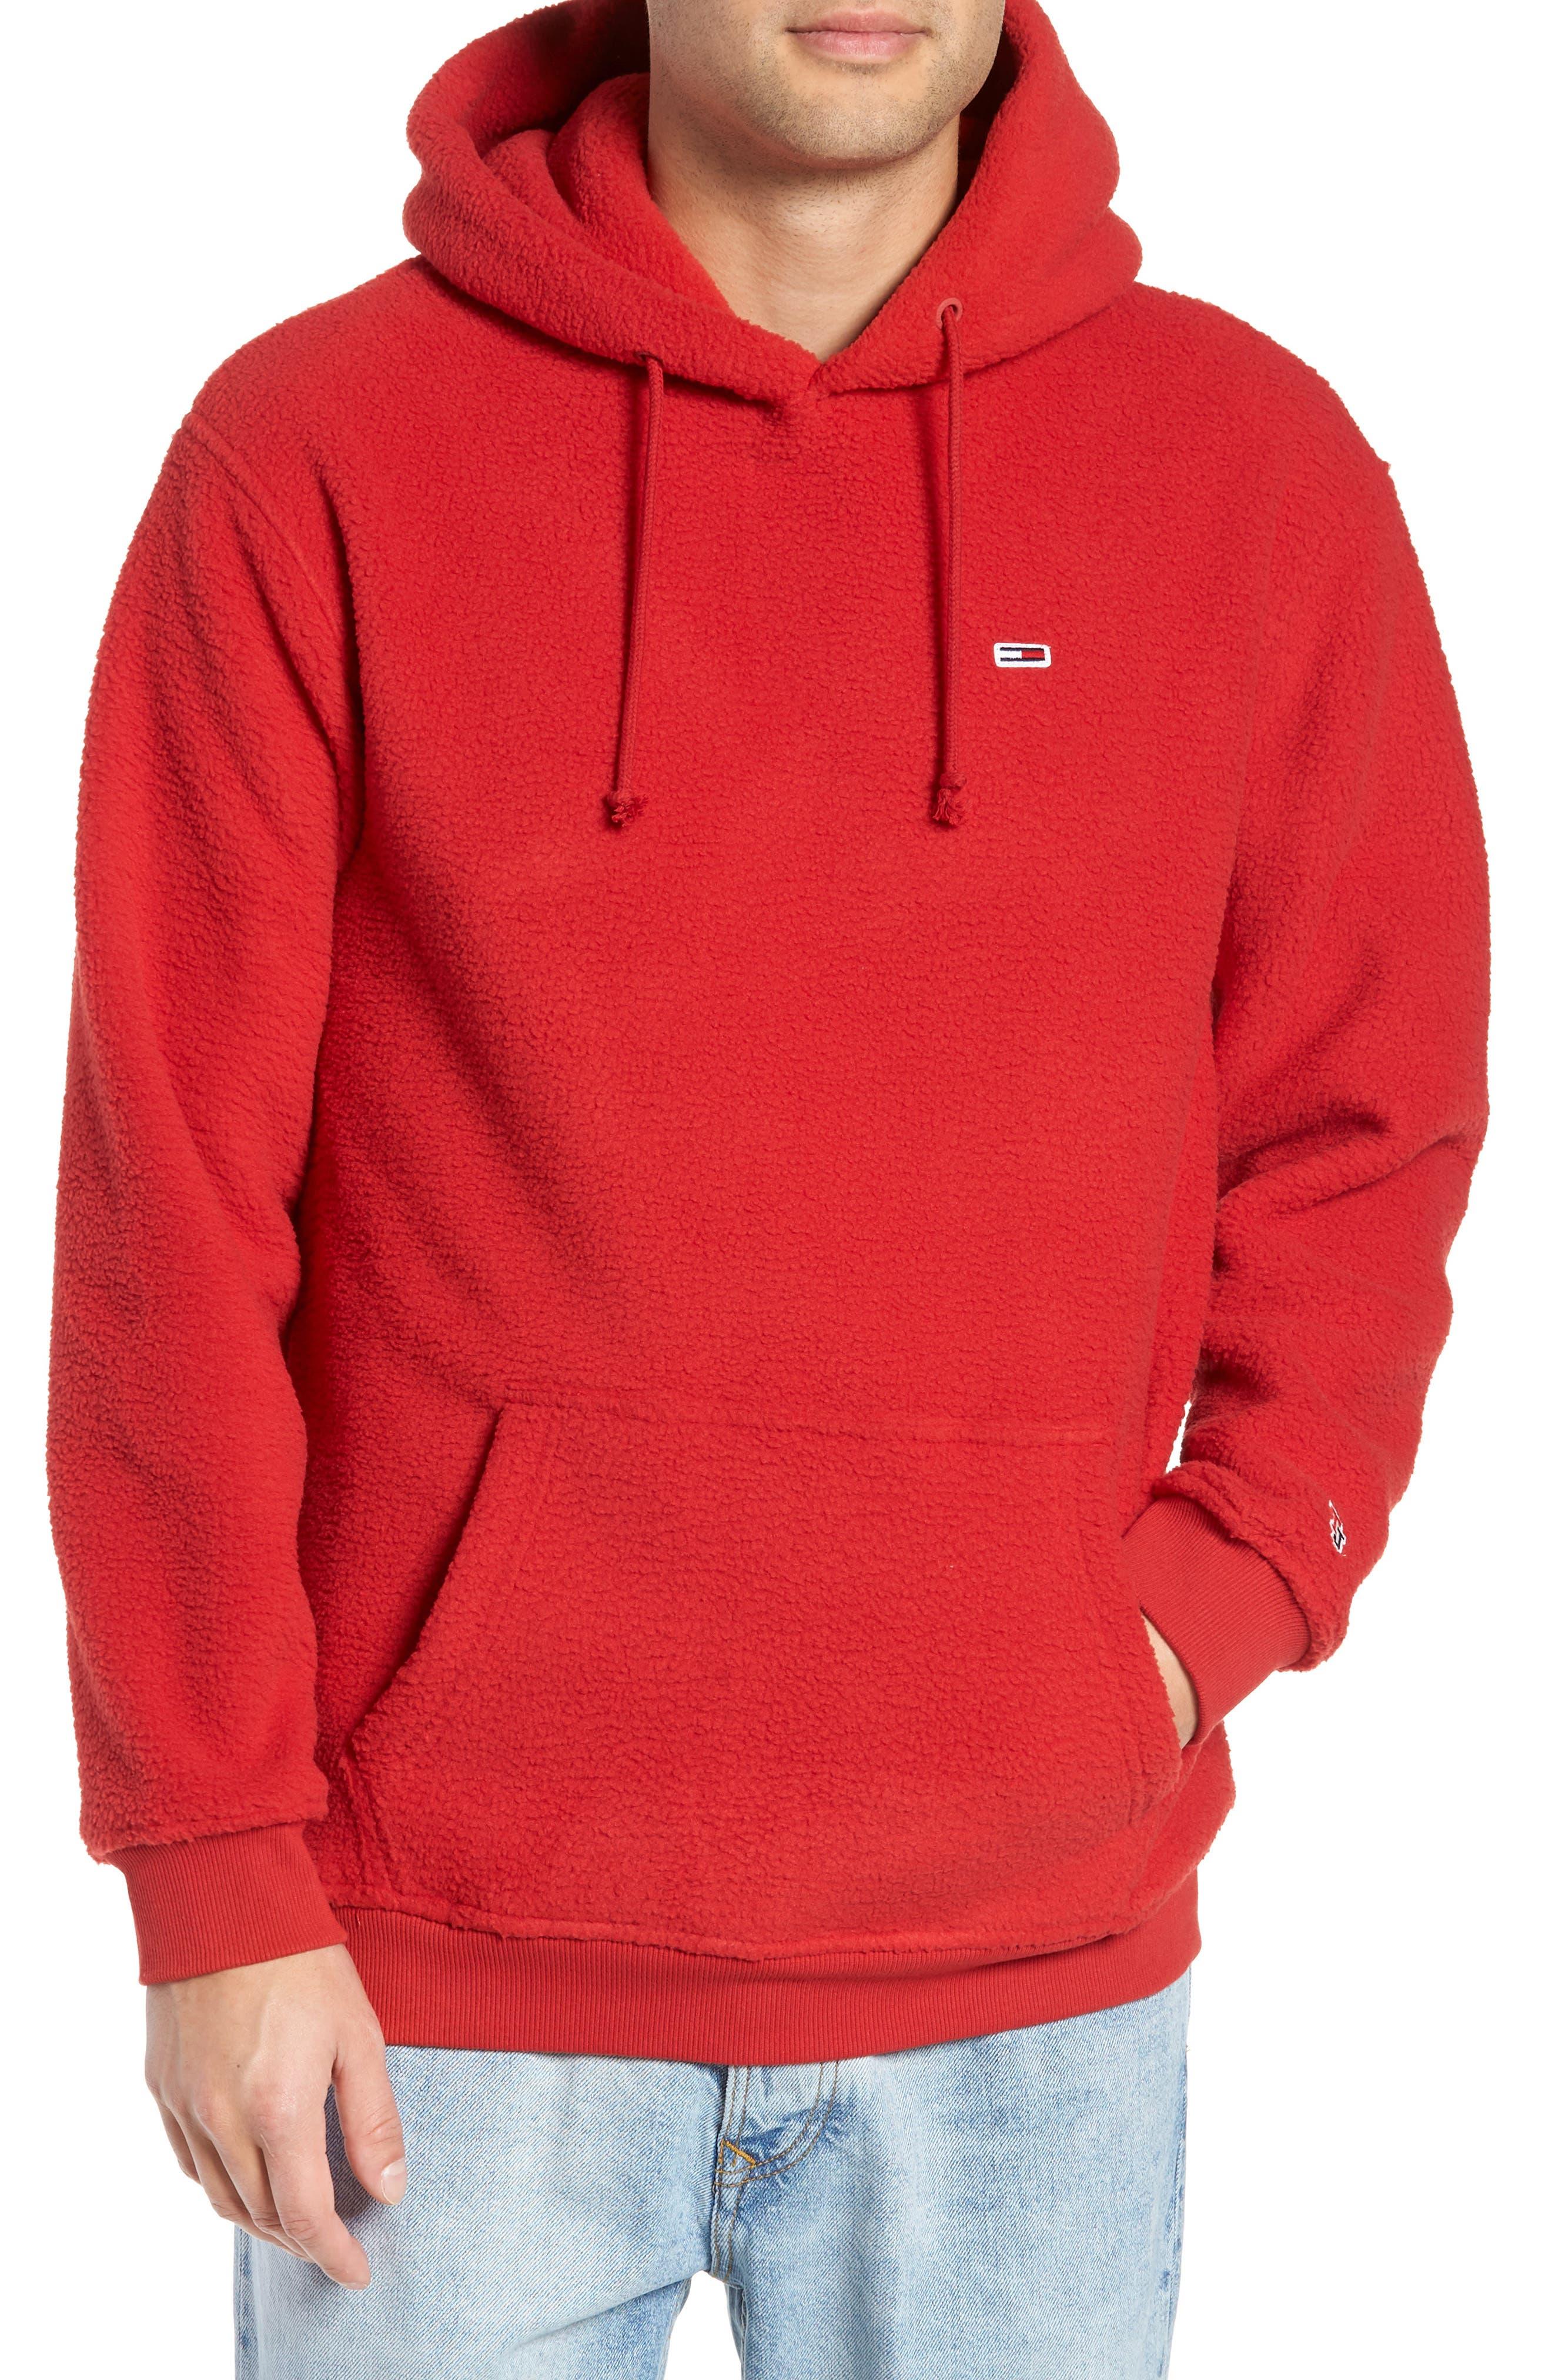 TOMMY JEANS Classics Fleece Hooded Sweatshirt in Samba